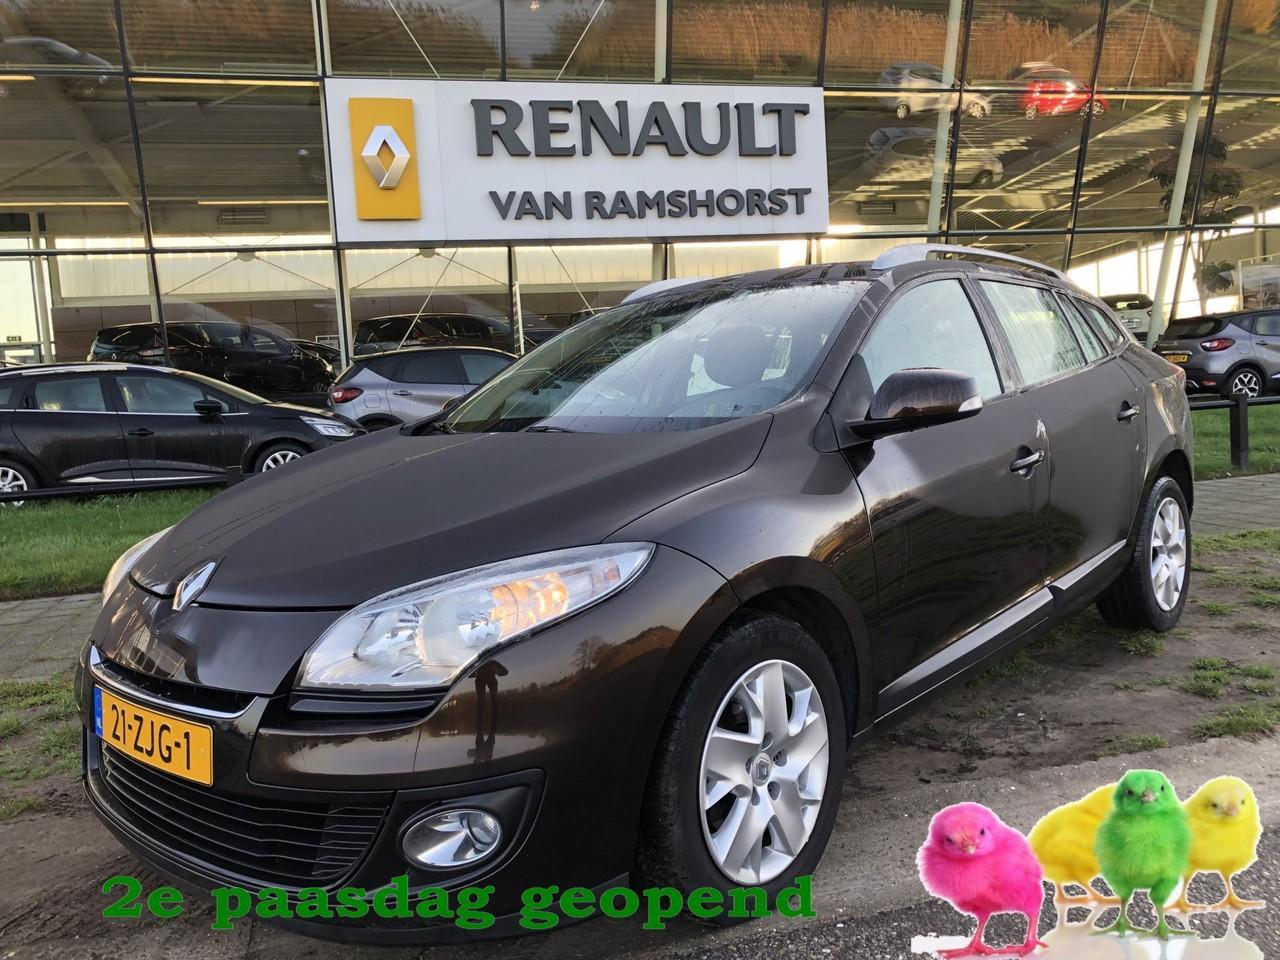 Renault Mégane Estate 1.5 dci 110pk expression climat pdc inkl spiegels 2e paasdag open 10.00 - 17.00 uur